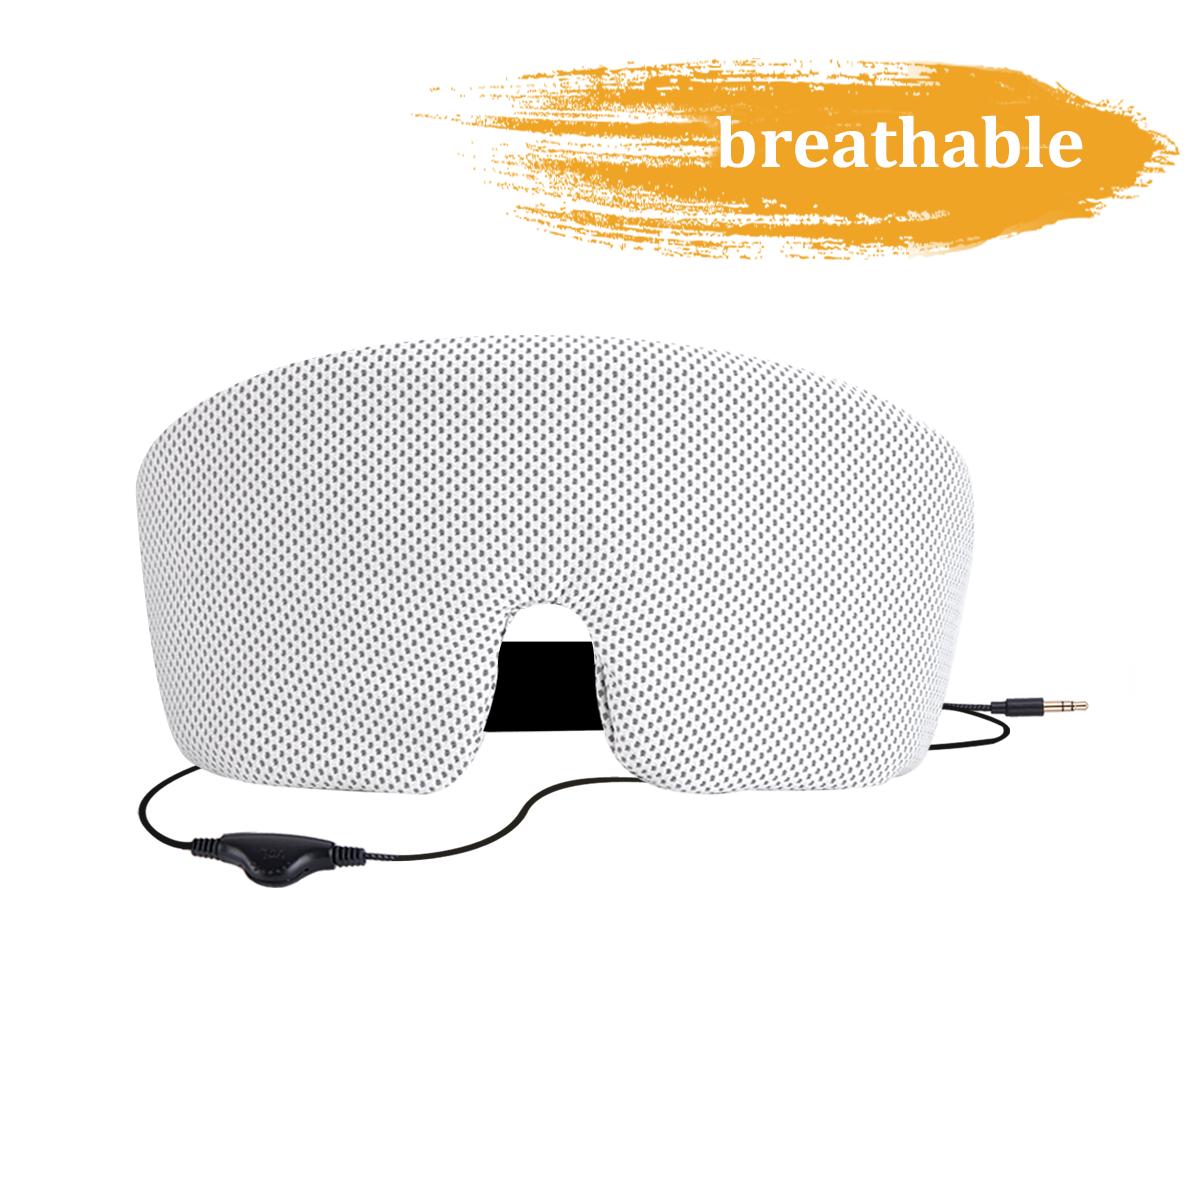 AGPTEK SleepPhones Soft Comfortable Wired Sleep Headphones Eye Mask Built-in HD Audio Speaker,suit for sleeping, Black